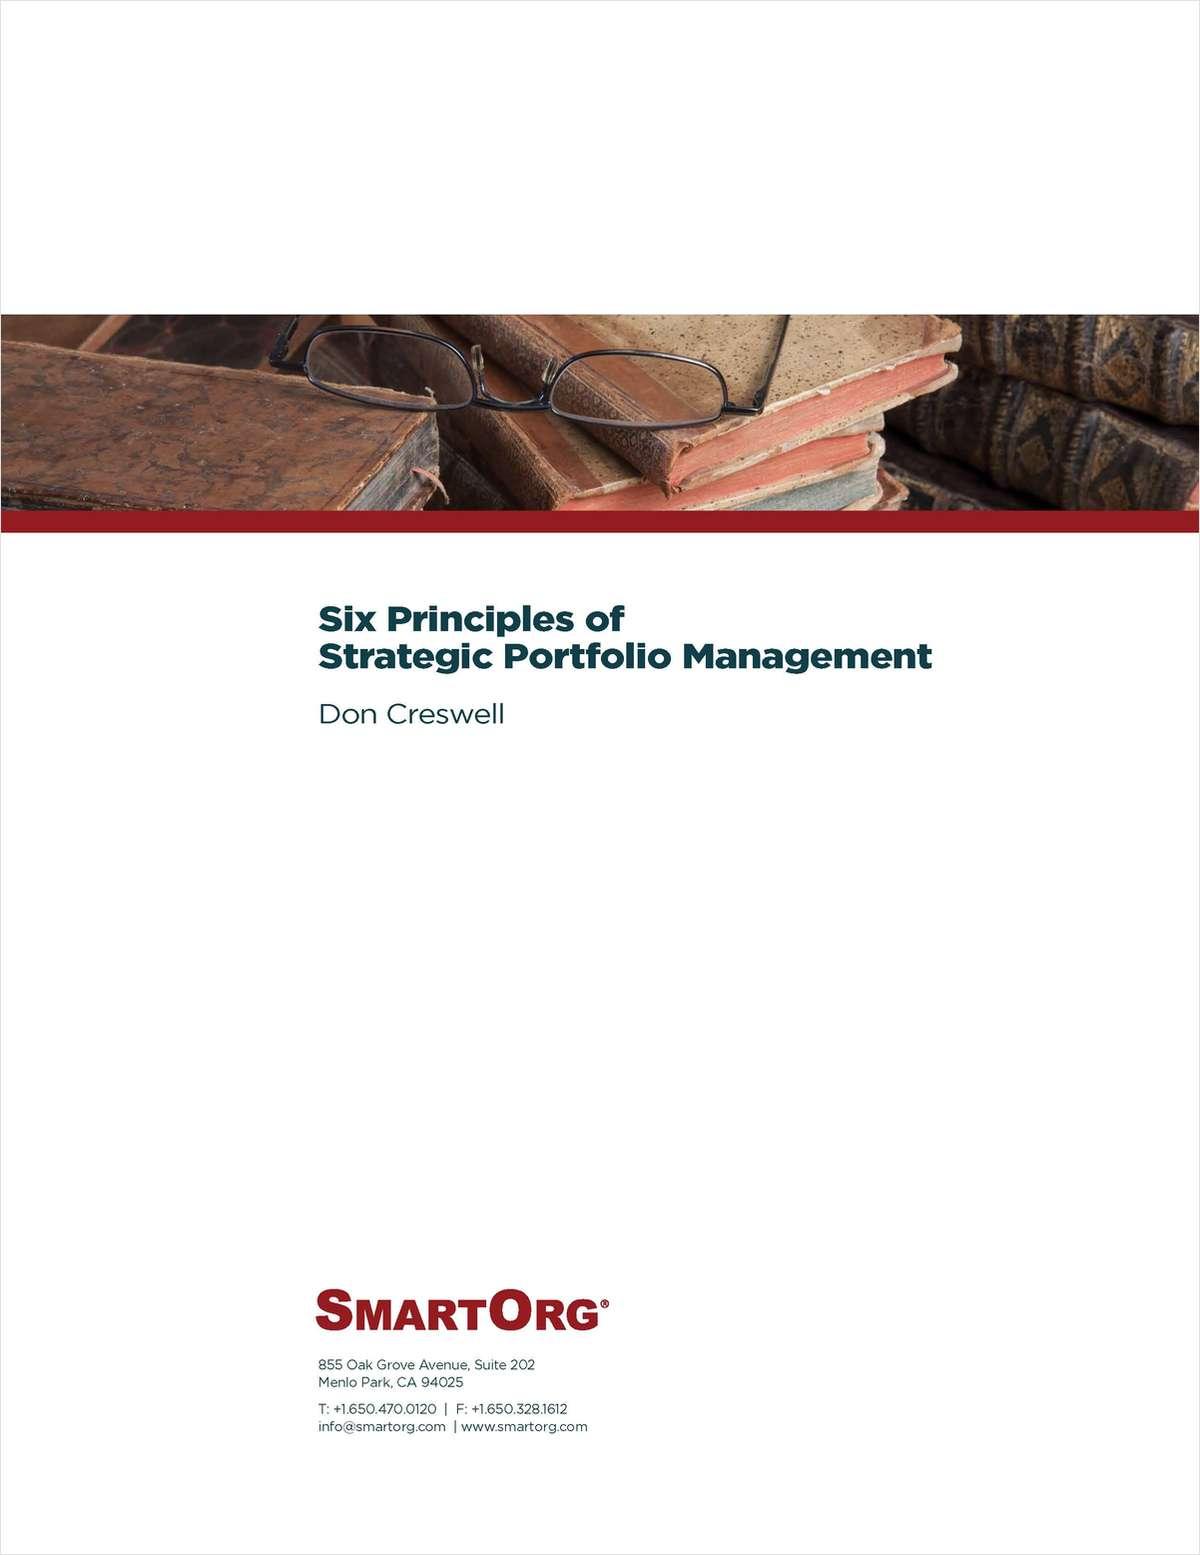 Six Principles of Strategic Portfolio Management